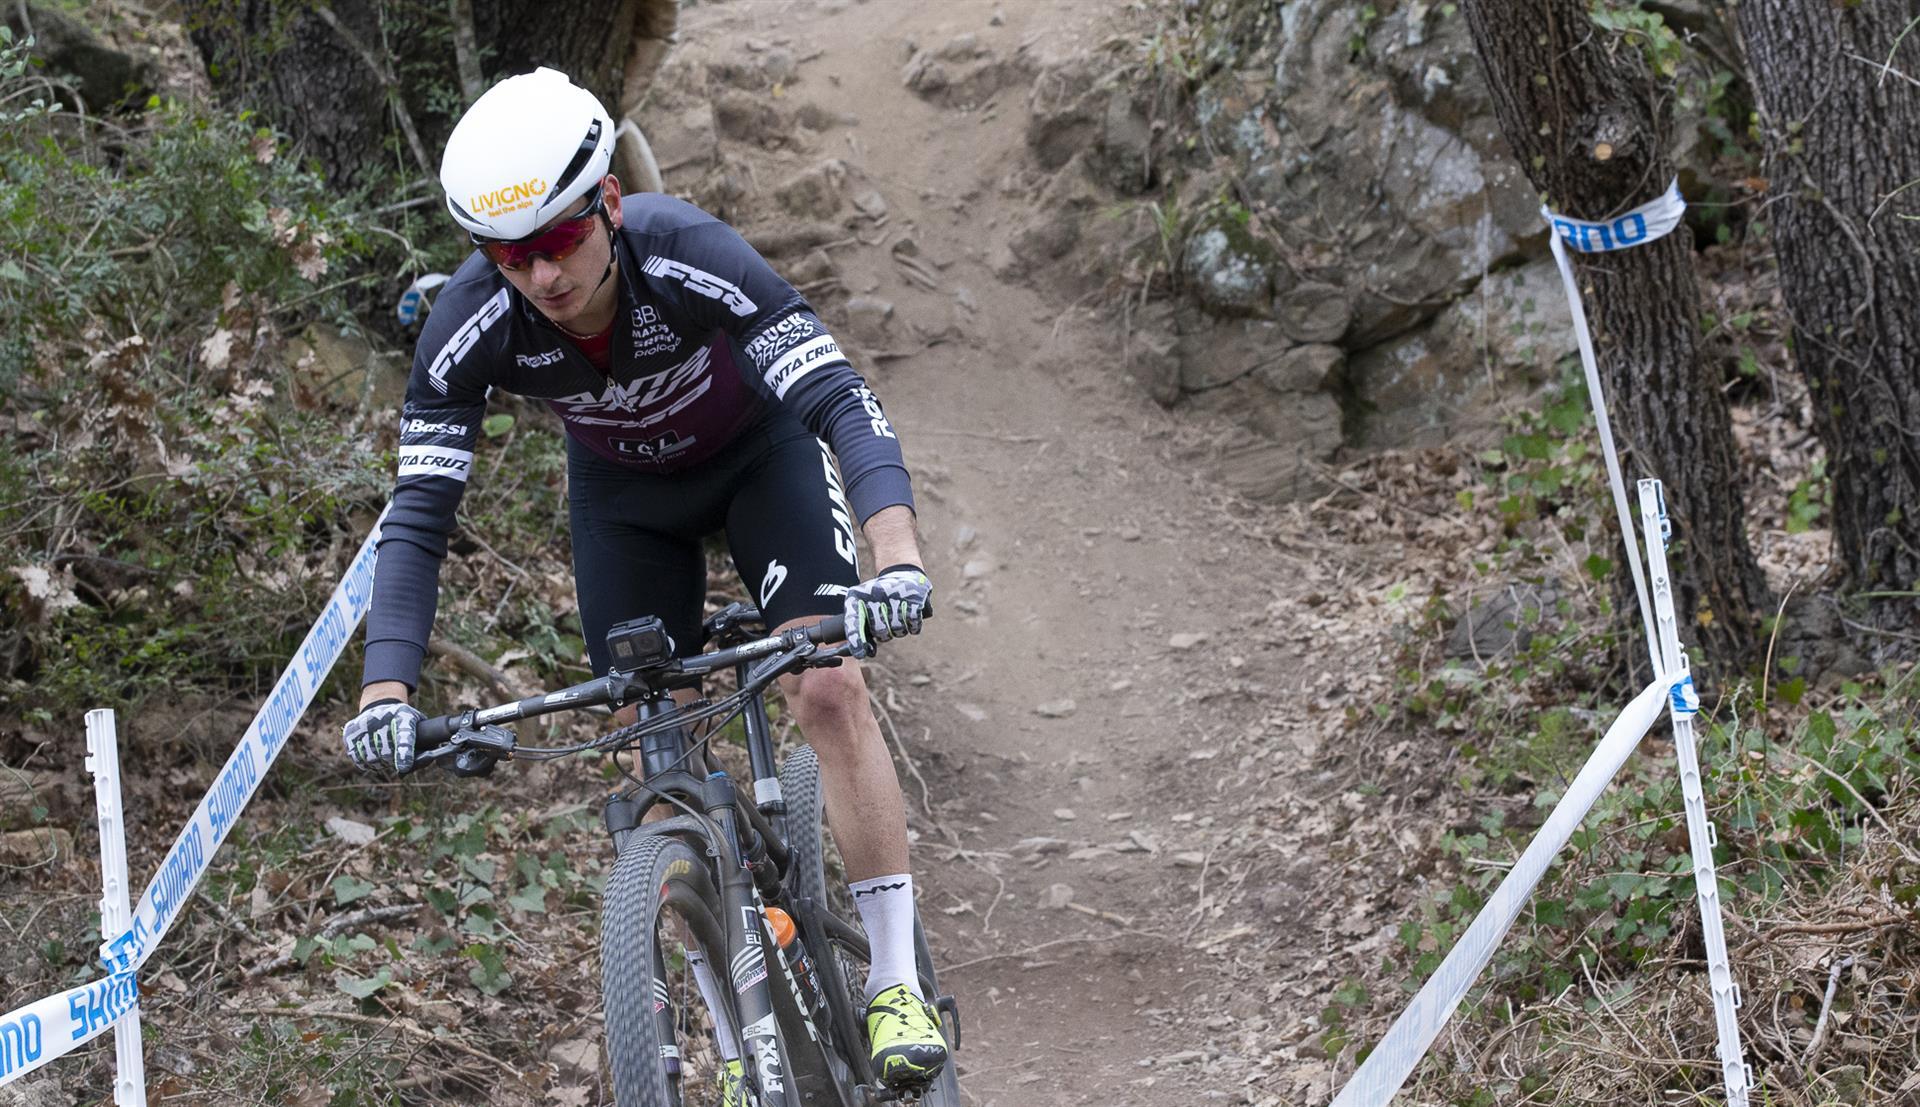 l warm up di Gioele Bertolini sul percorso di Andora Race Cup